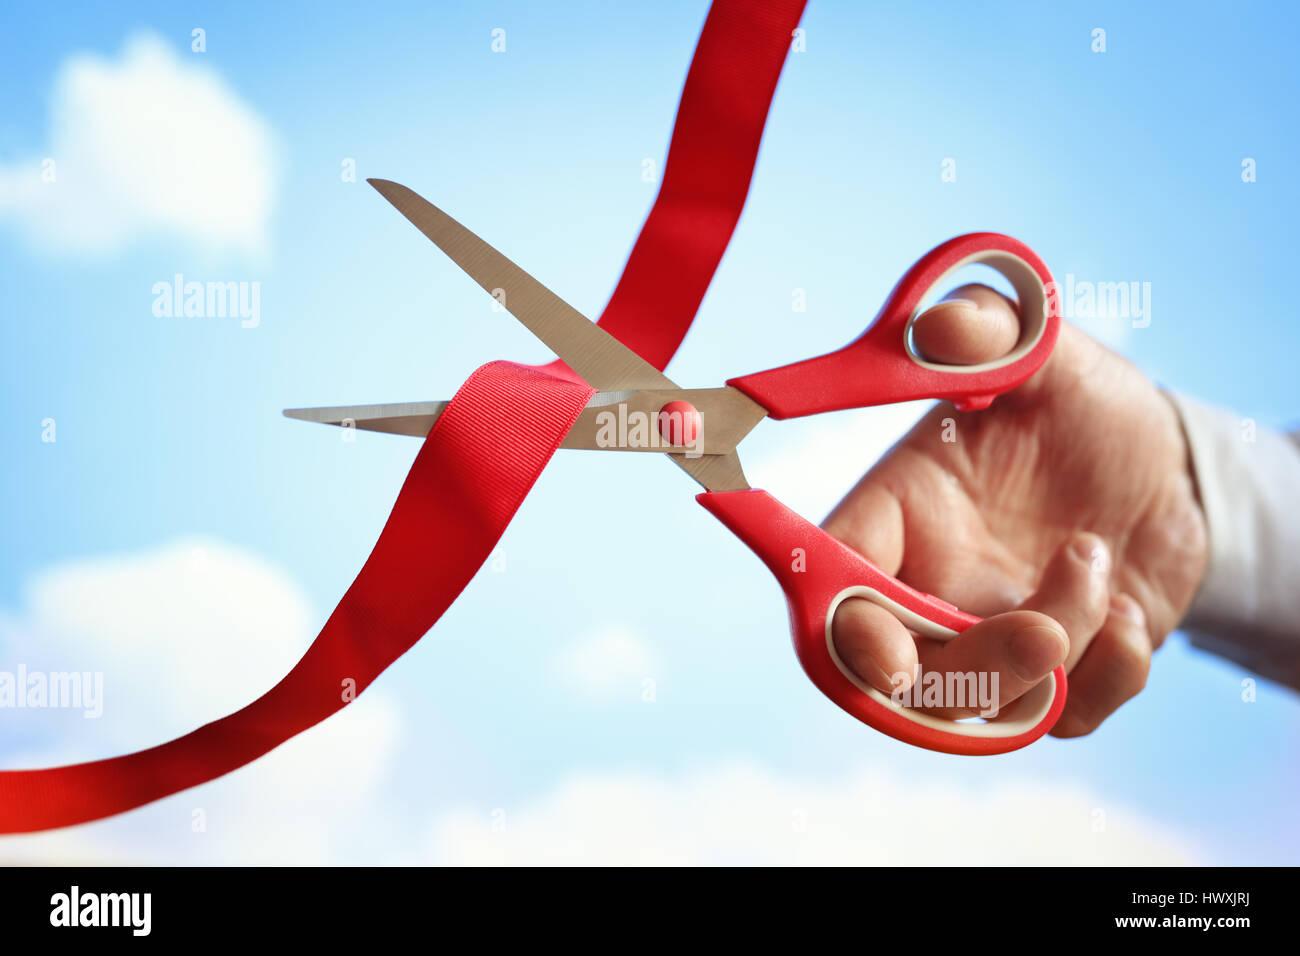 Coupe homme d'un ruban rouge avec une paire de ciseaux à la cérémonie d'ouverture Banque D'Images